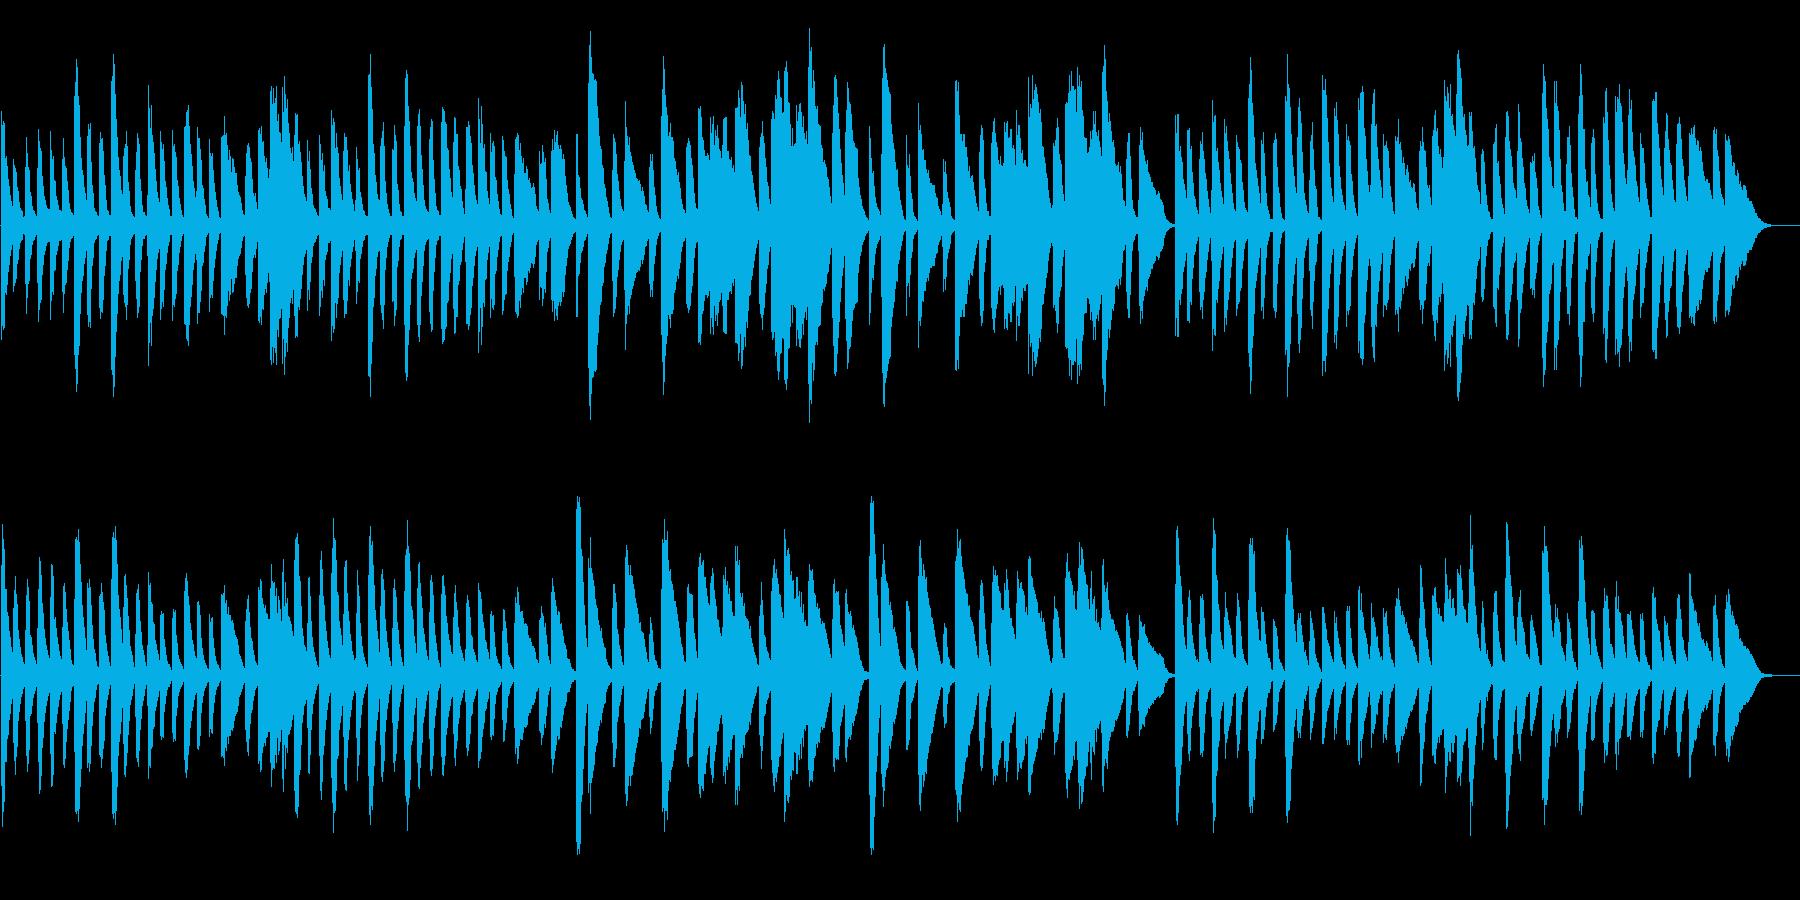 チョップスティックス/トトトのうたの原曲の再生済みの波形